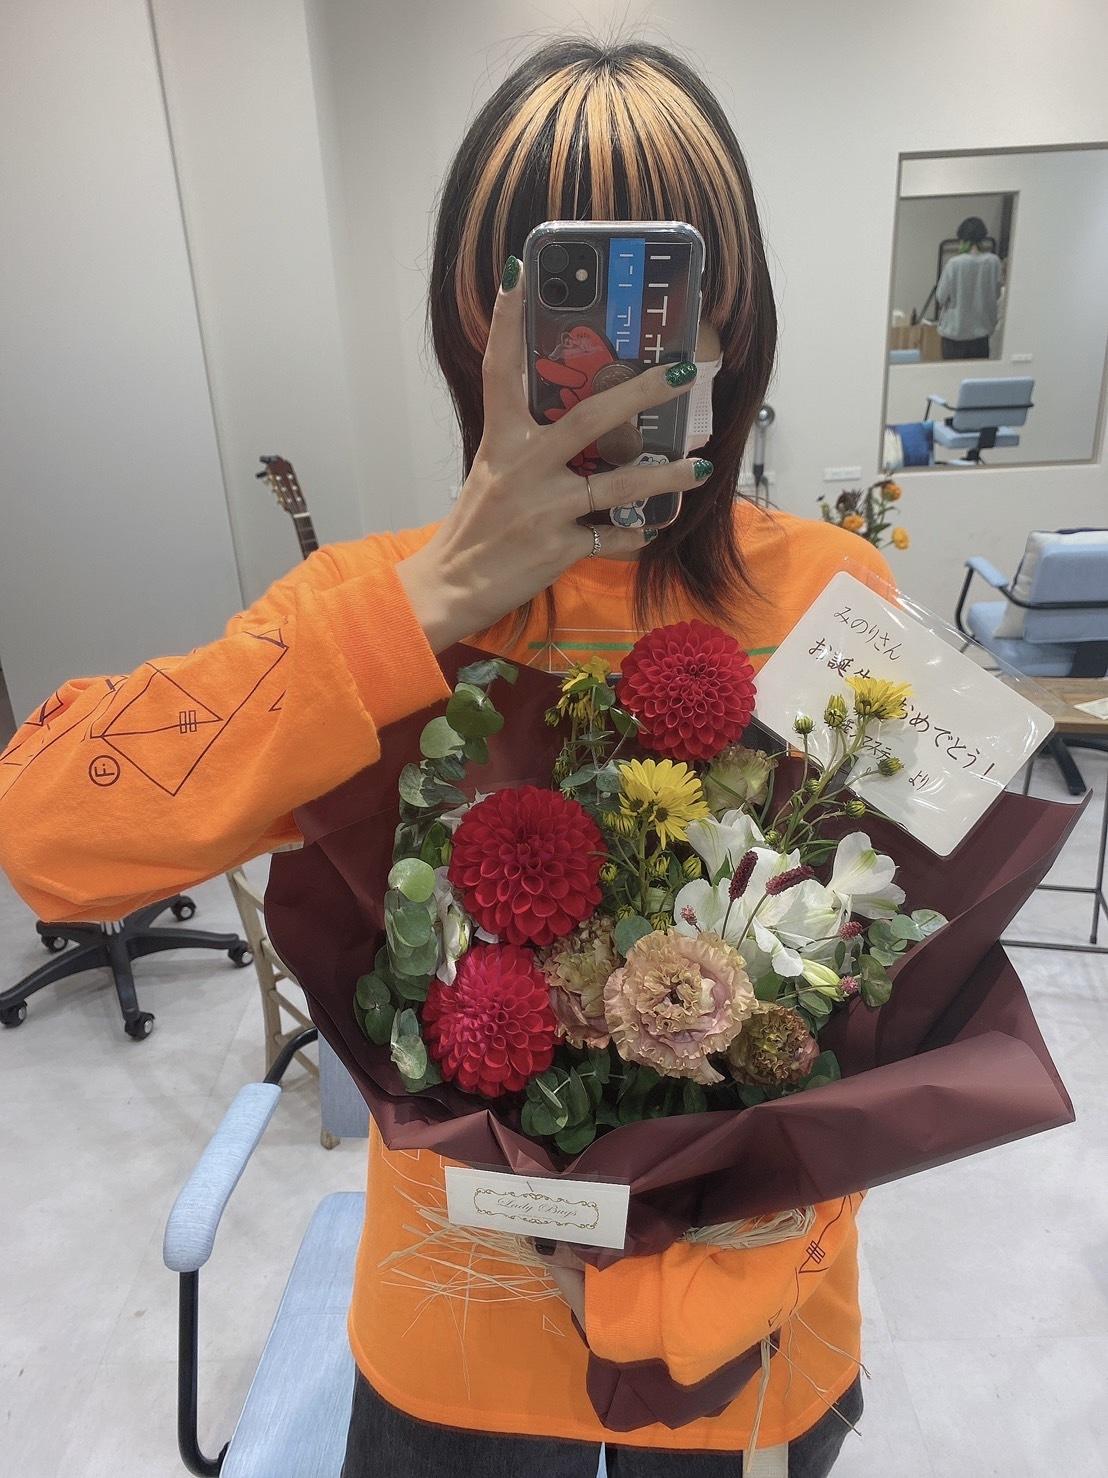 「みのりお誕生日おめでとう」_a0075684_09395529.jpg